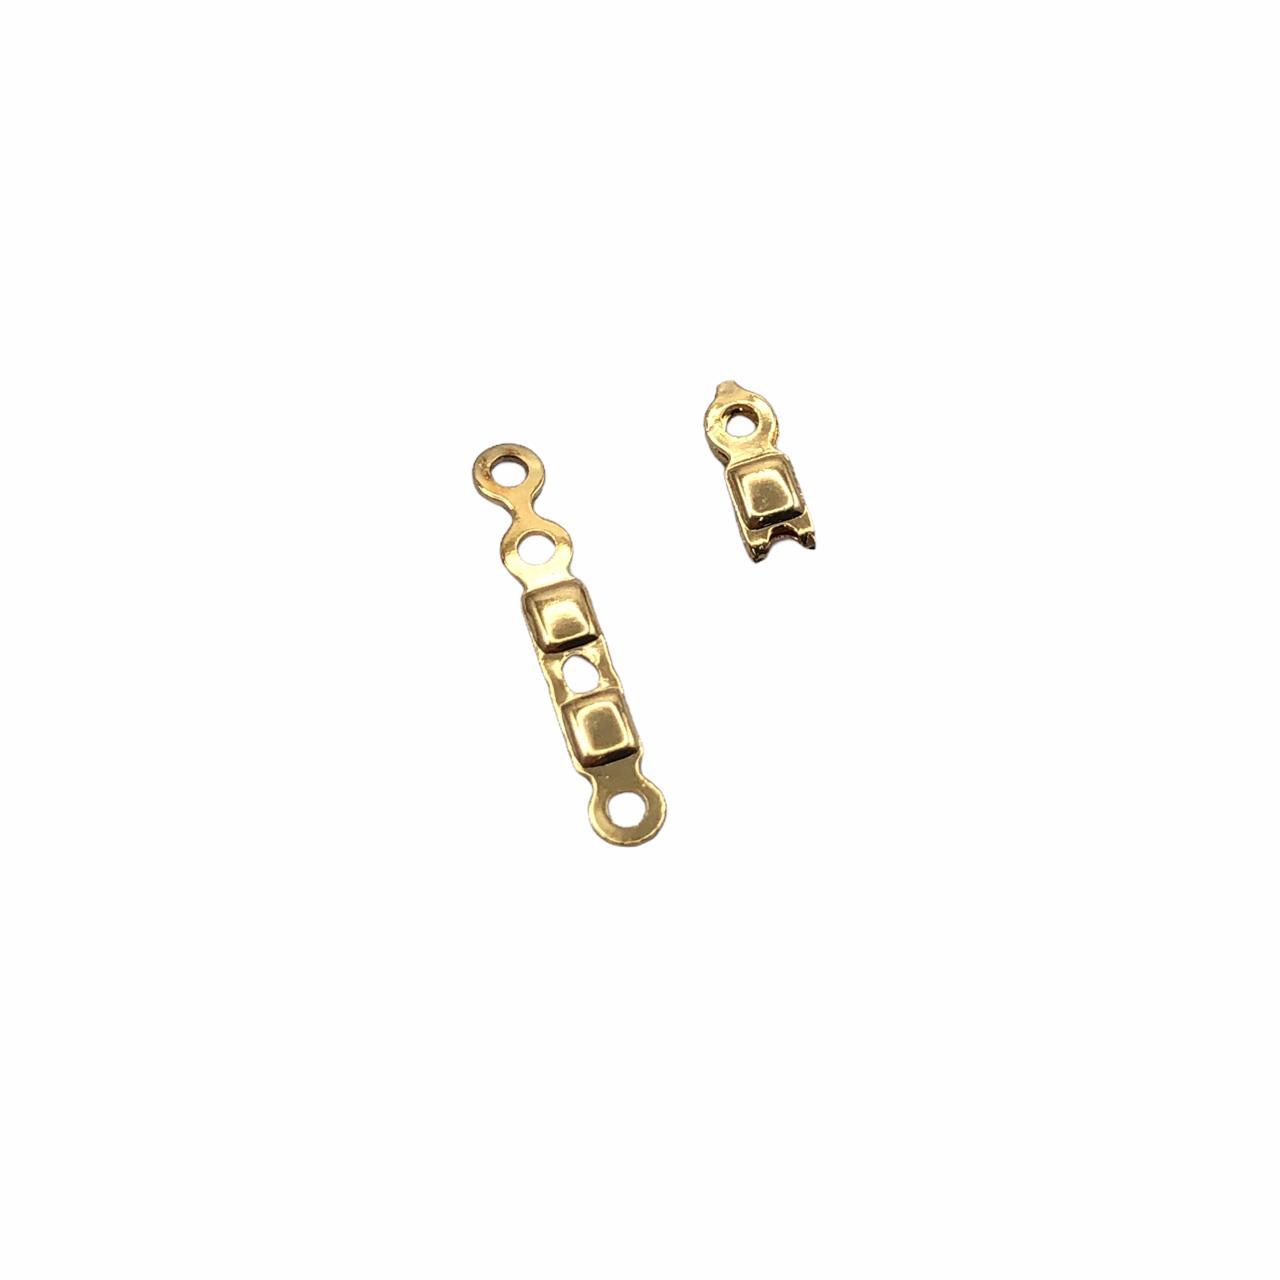 AC710 - Terminal Para Correntes E Fios 1mm Banhado Cor Dourado - 10Unids